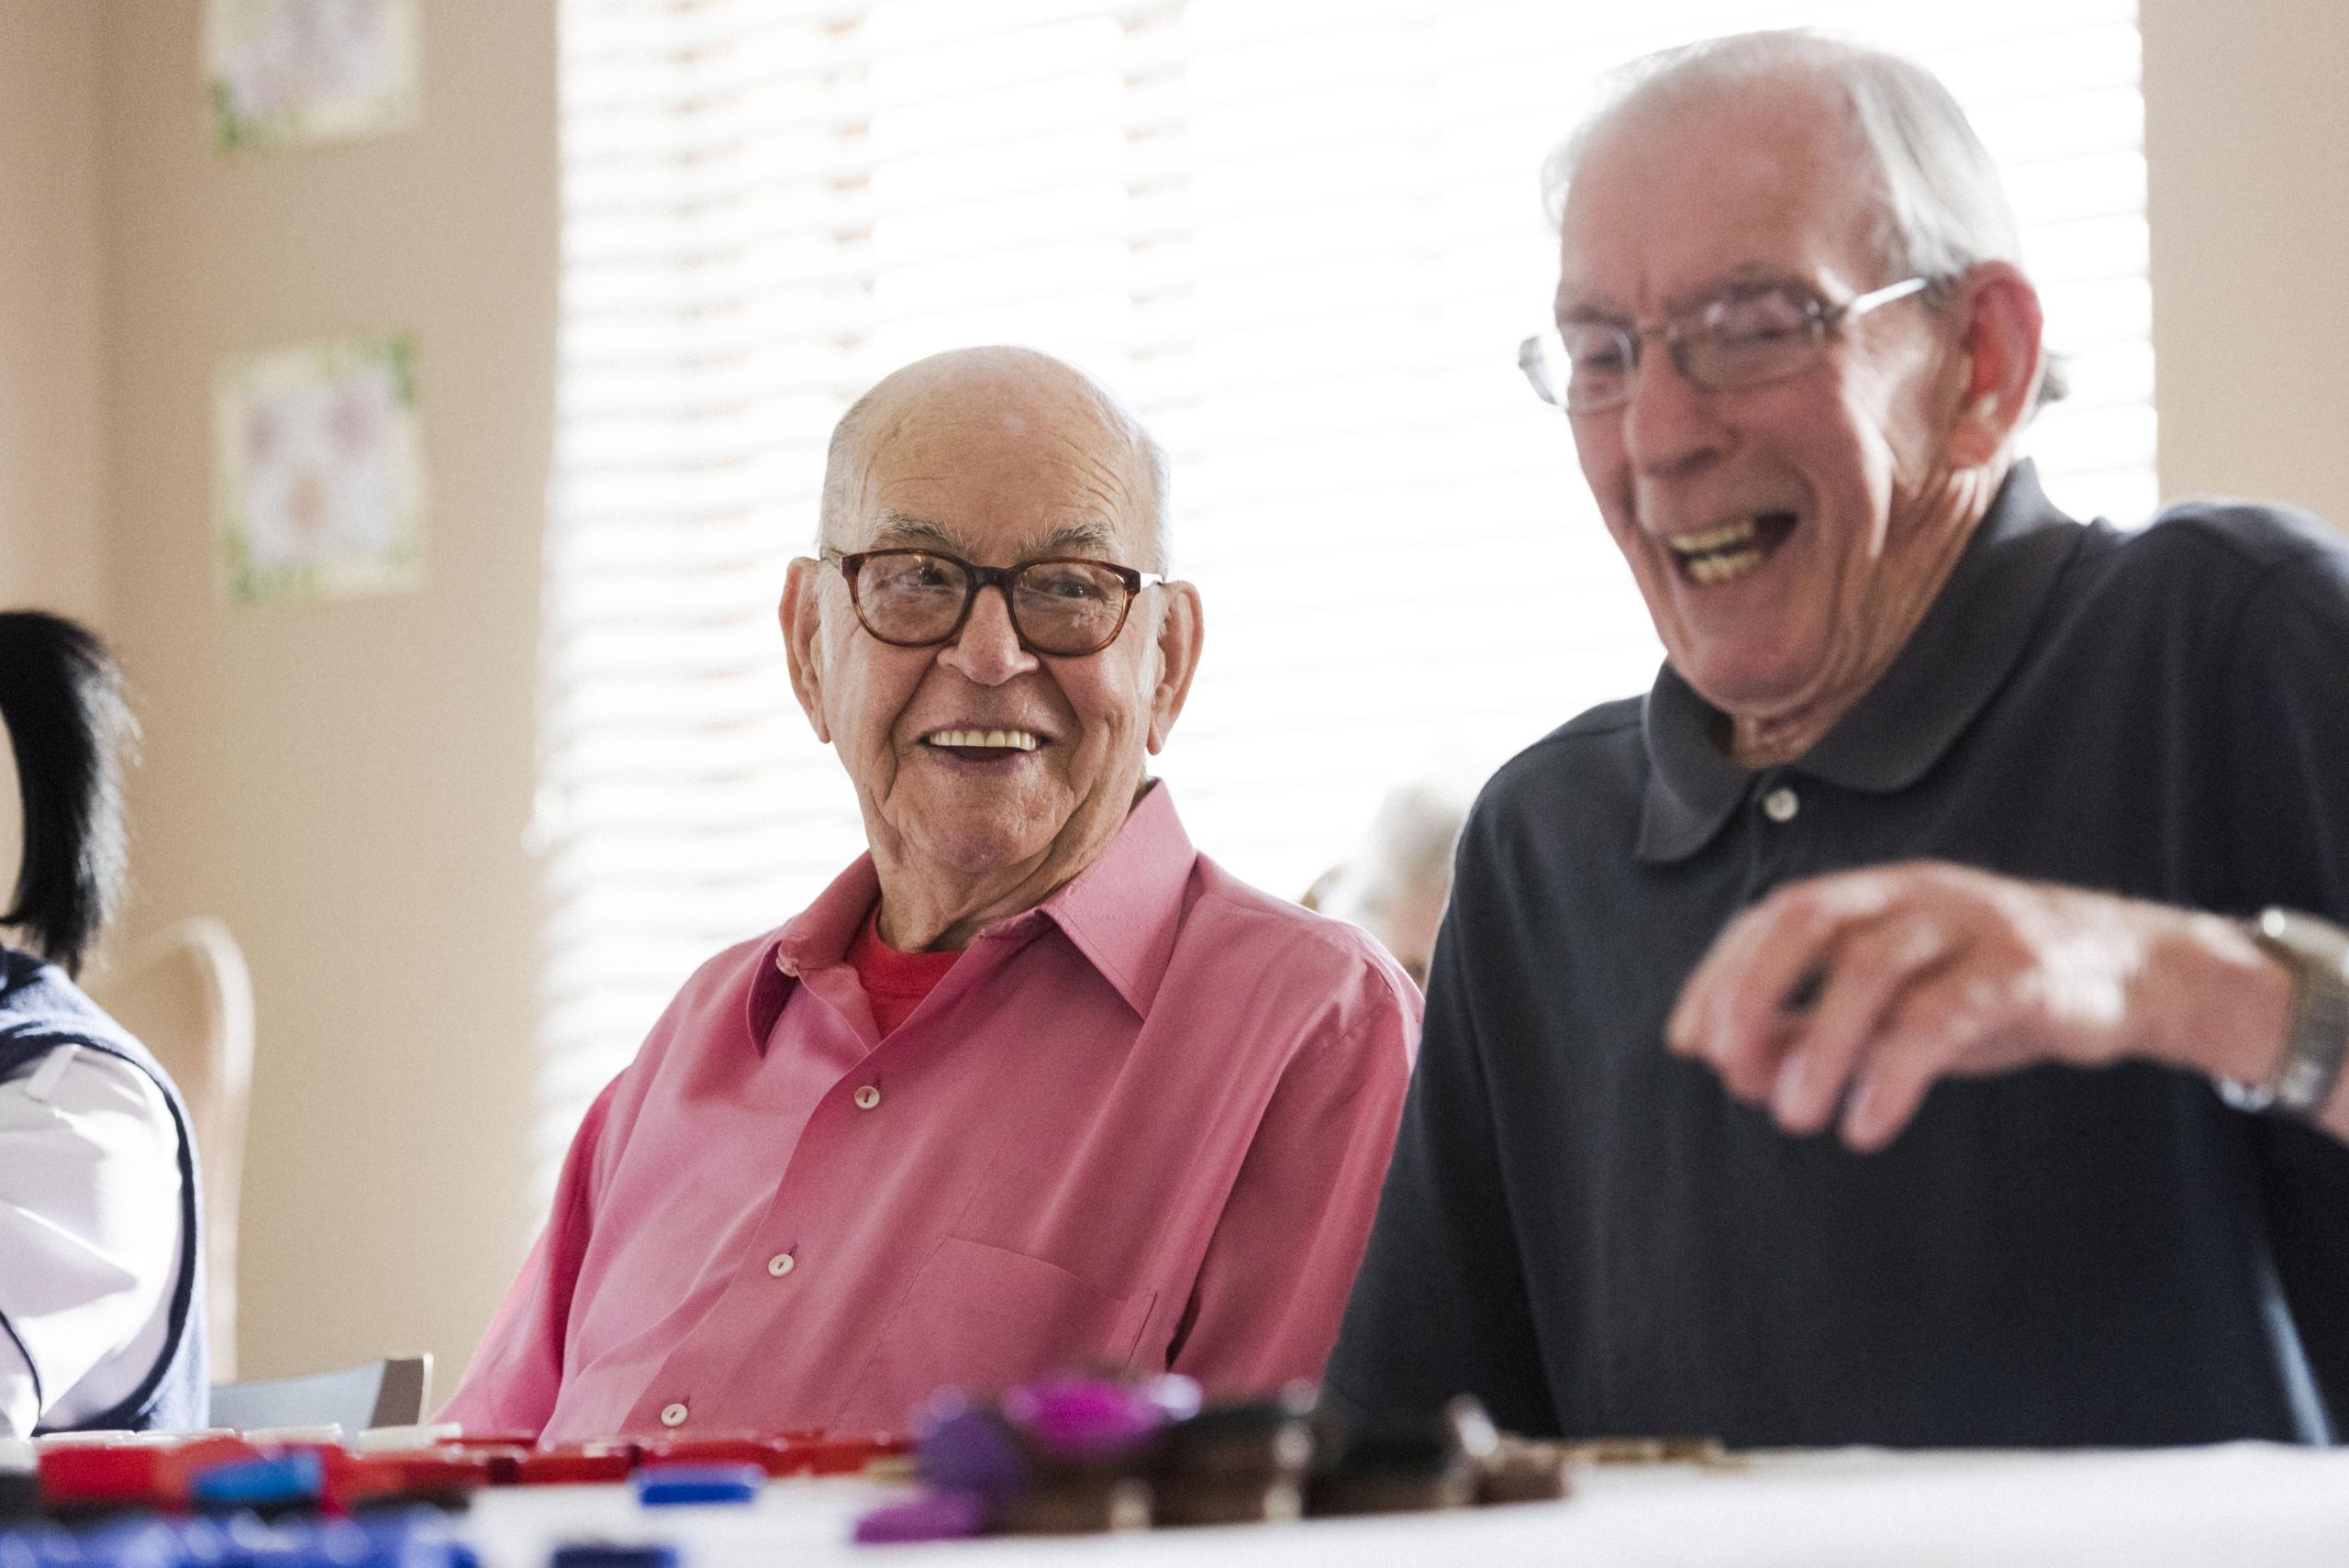 Samen met oudere leeftijdsgenoten lachen bij de dagbesteding